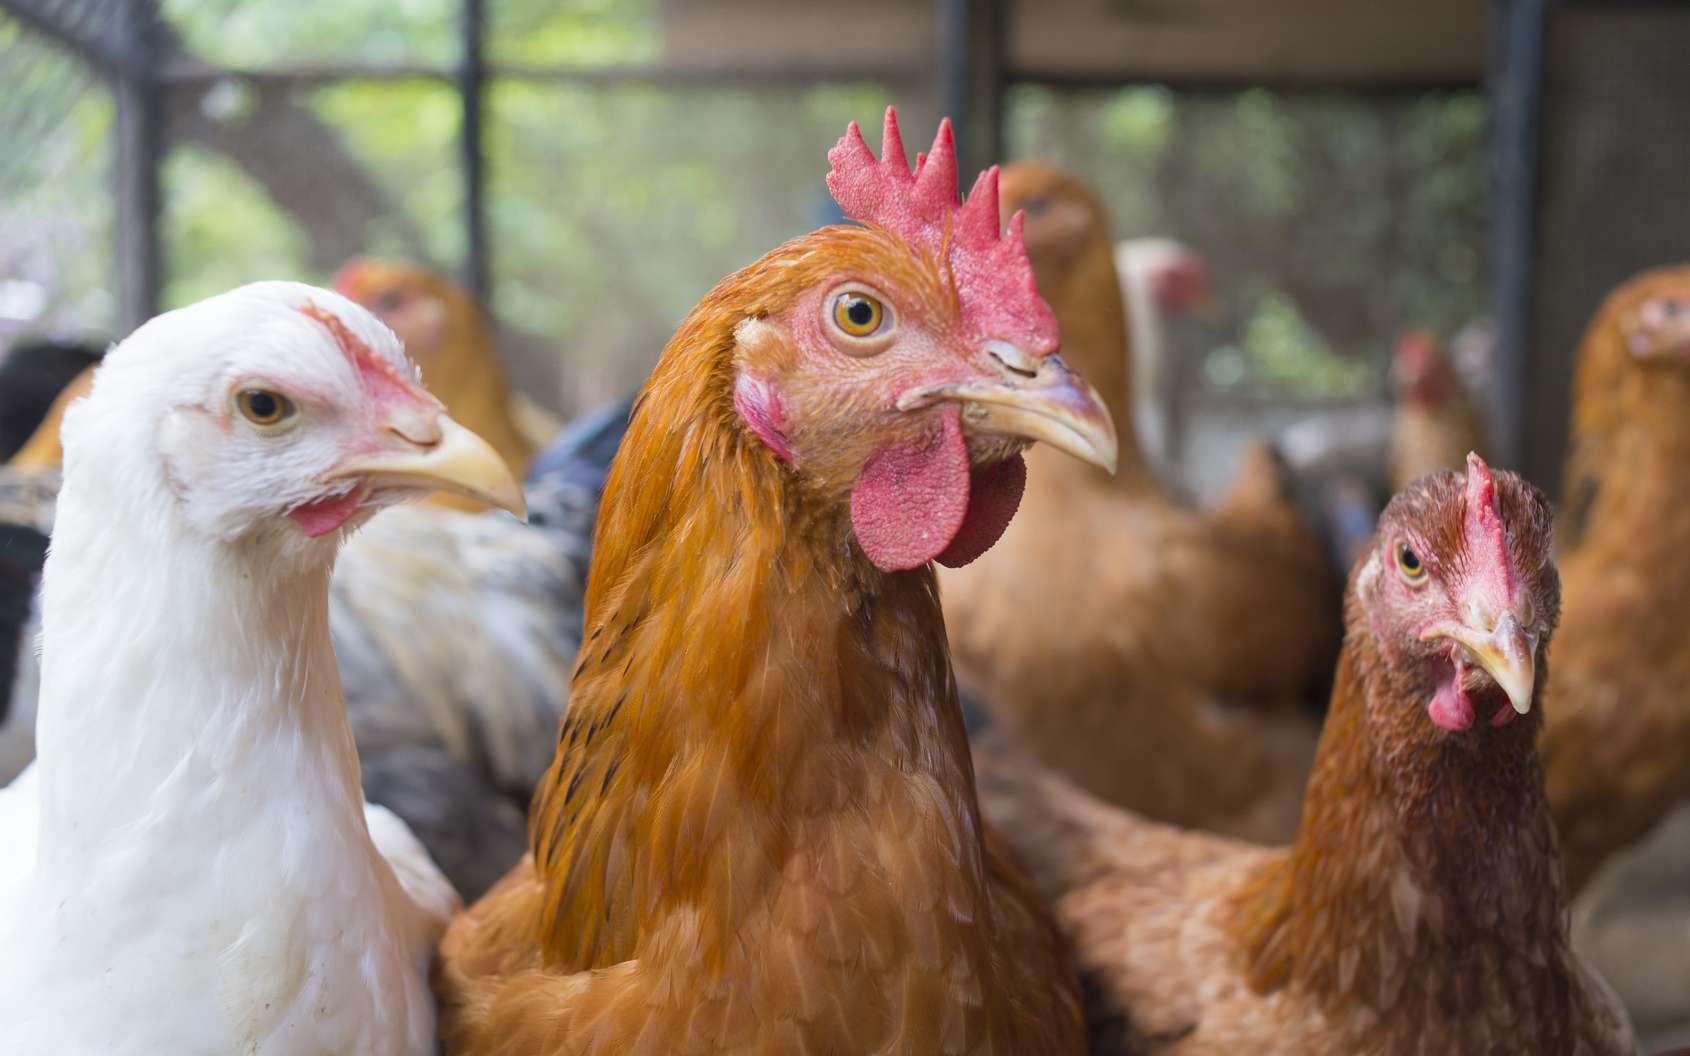 L'épizootie de grippe aviaire peut conduire à des mortalités importantes dans les élevages d'oiseaux. © Peeranat Thongyotee, Fotolia